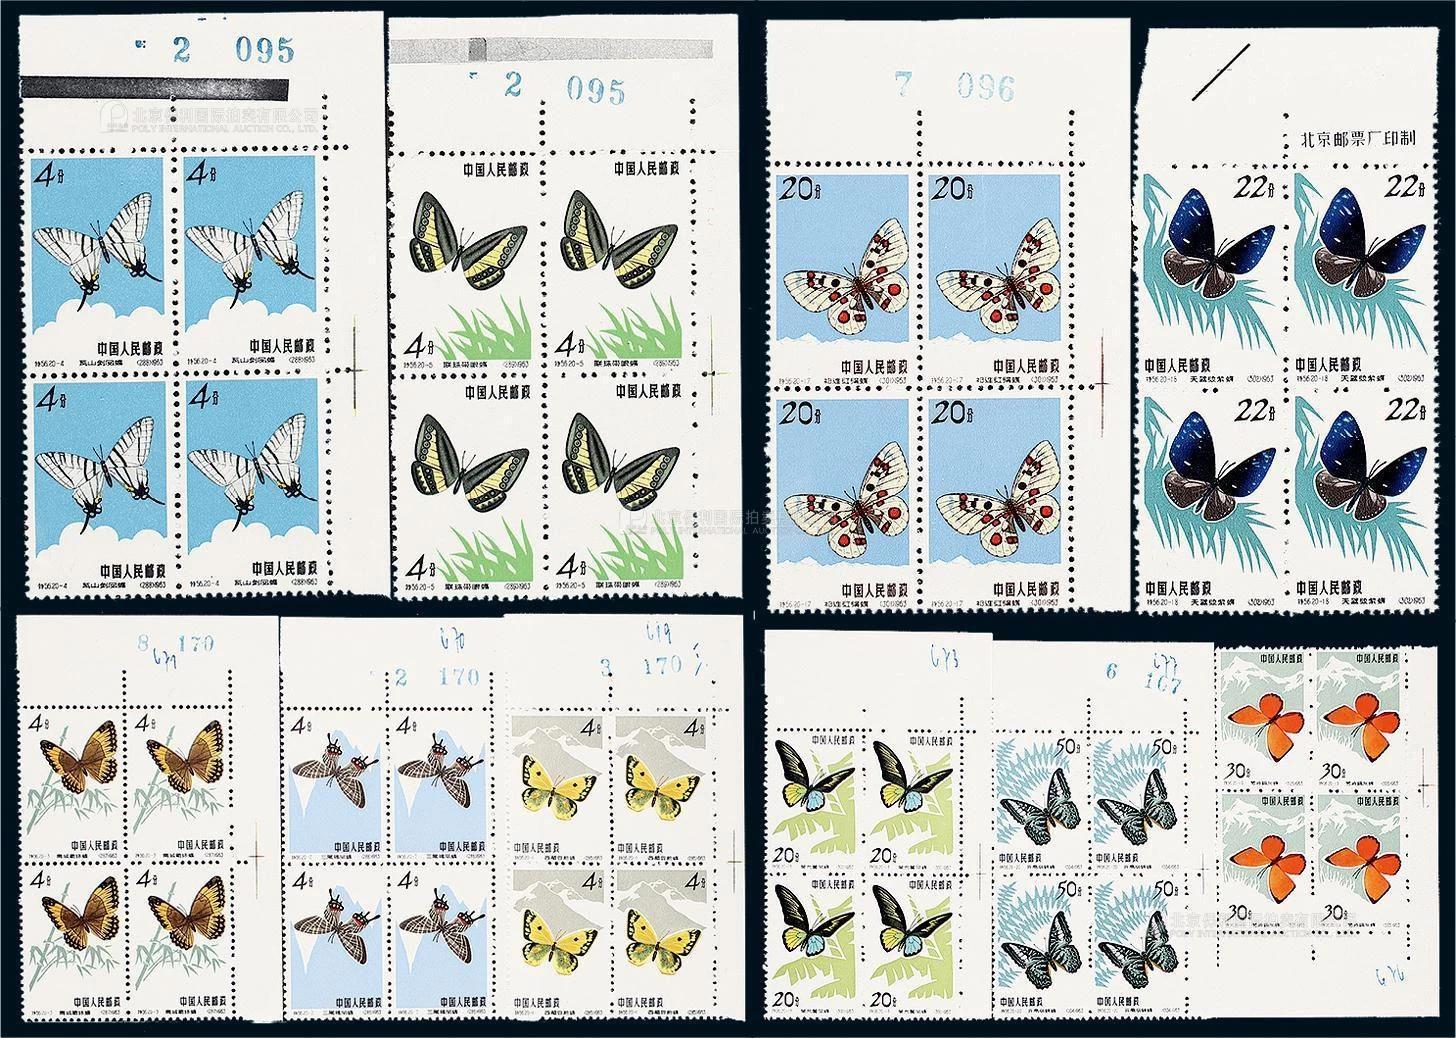 蝴蝶邮票方连